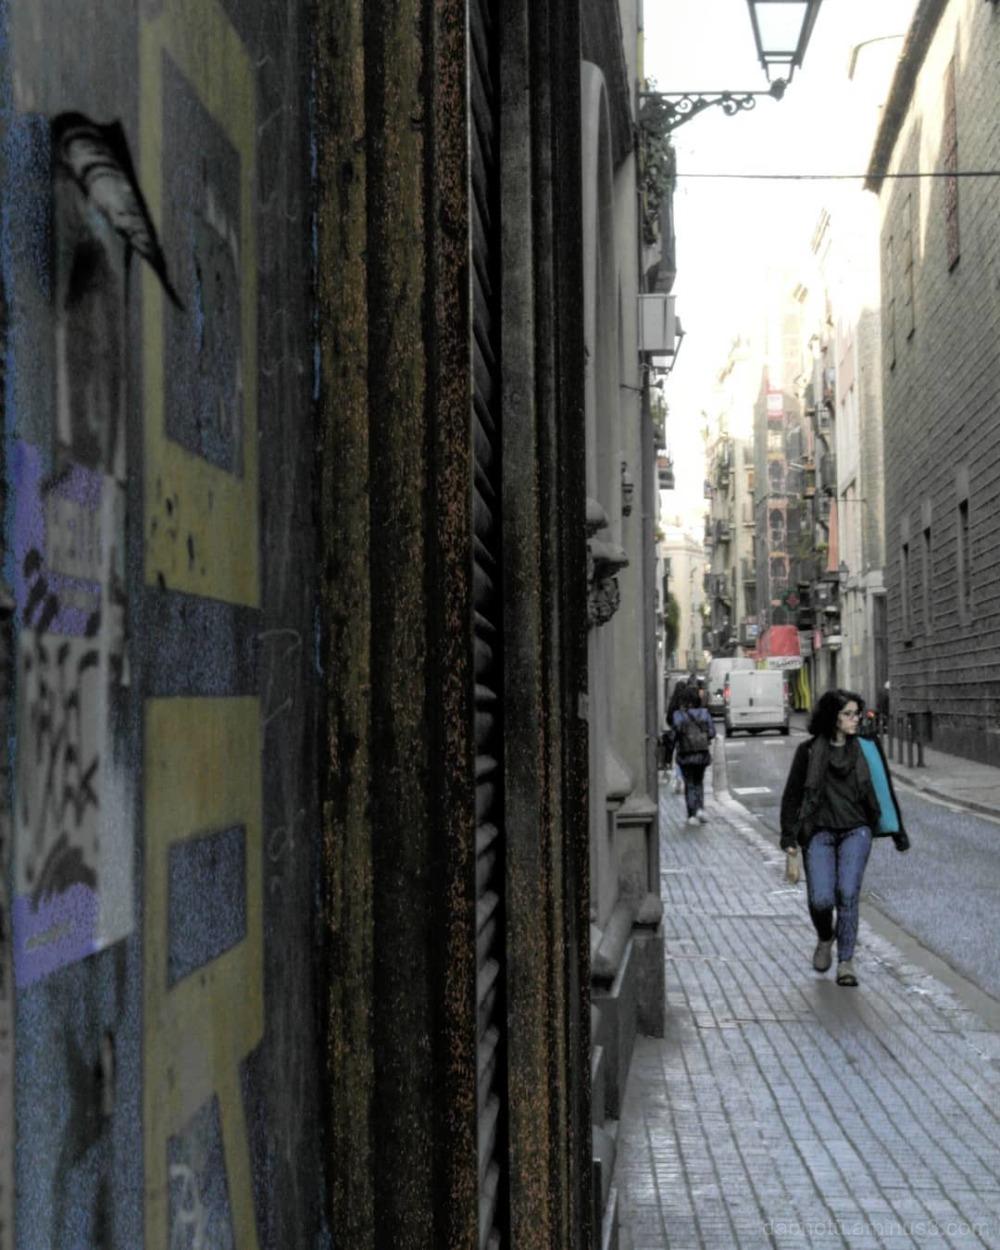 #CarrerDeLHospital #ElRavalSud #CiutatVella